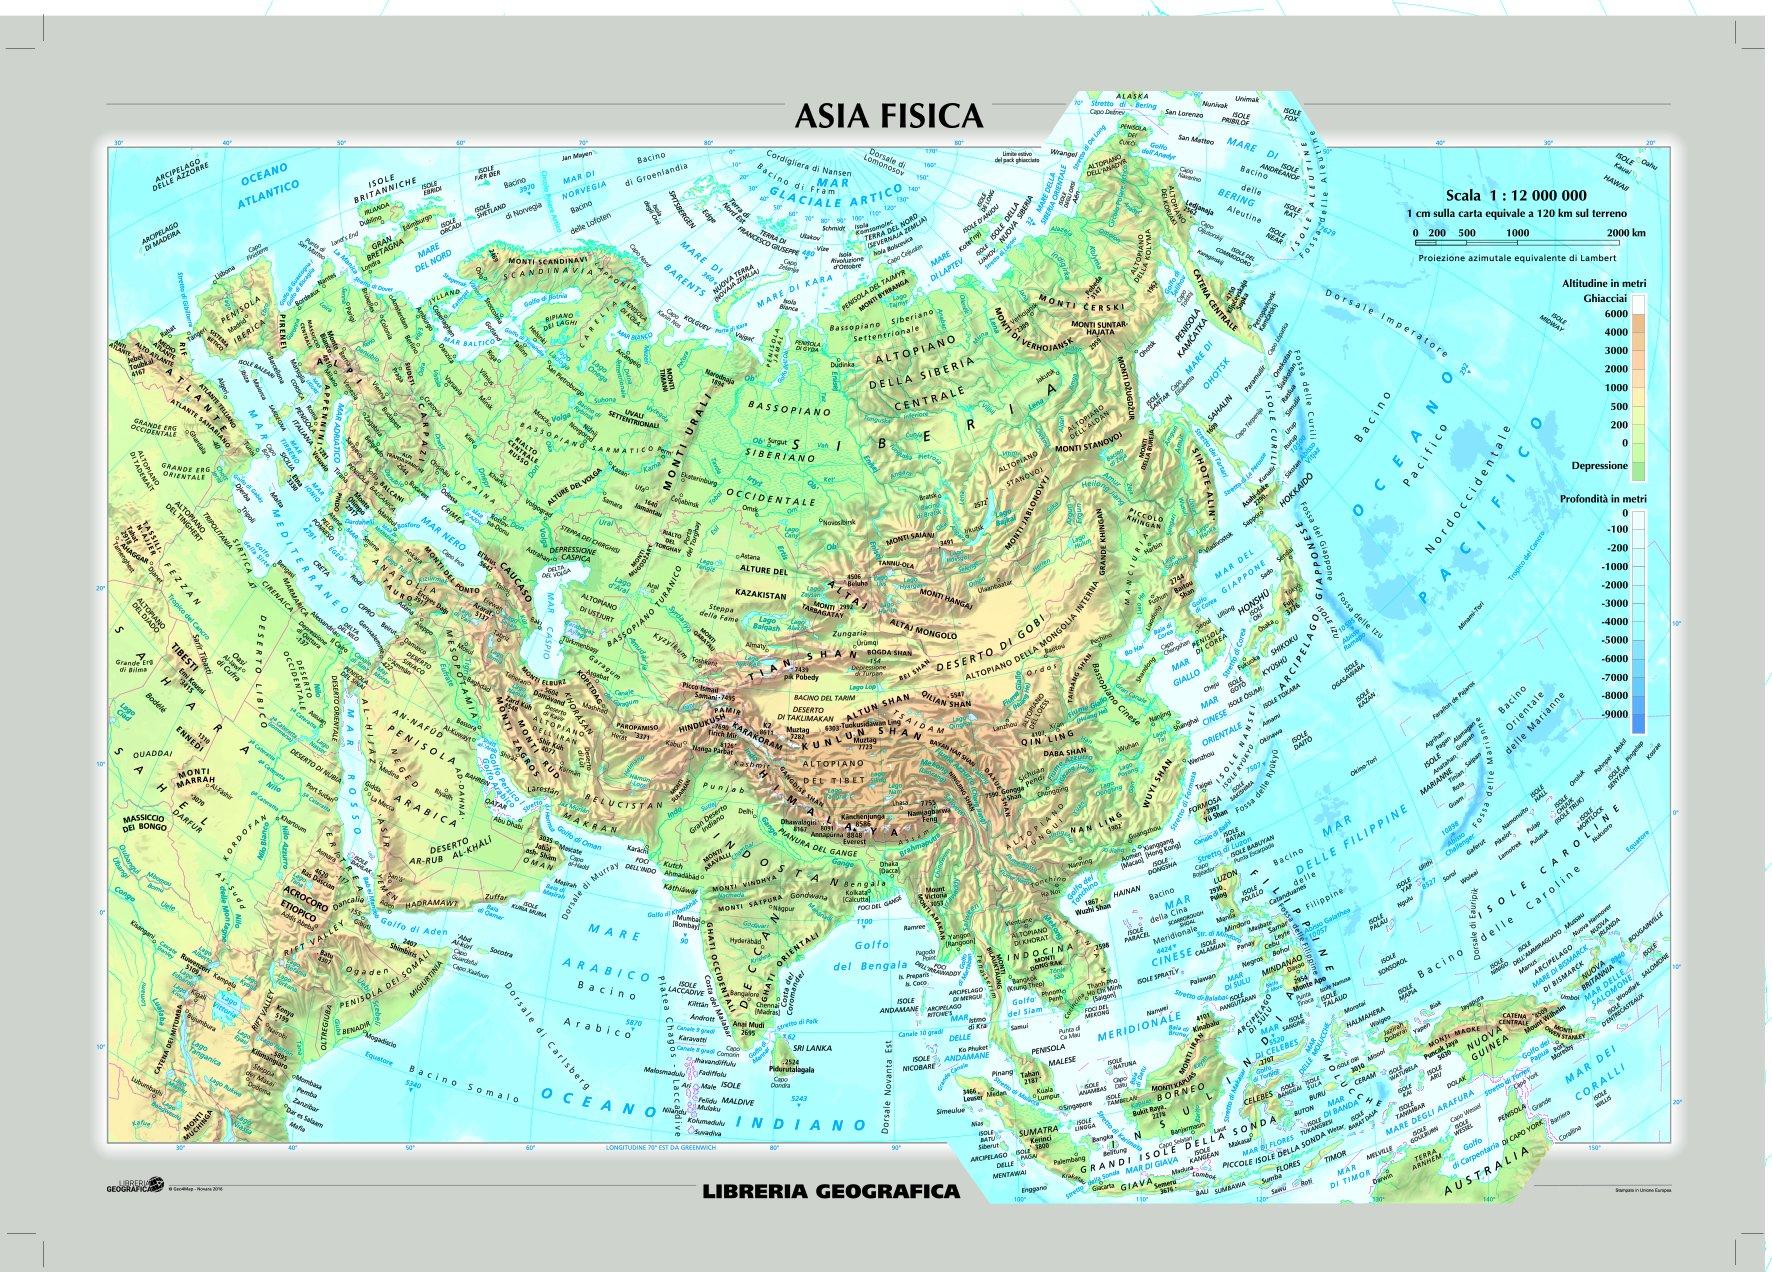 Cartina Asia Fisica.Amazon It Asia Fisica E Politica Carta Murale Libri